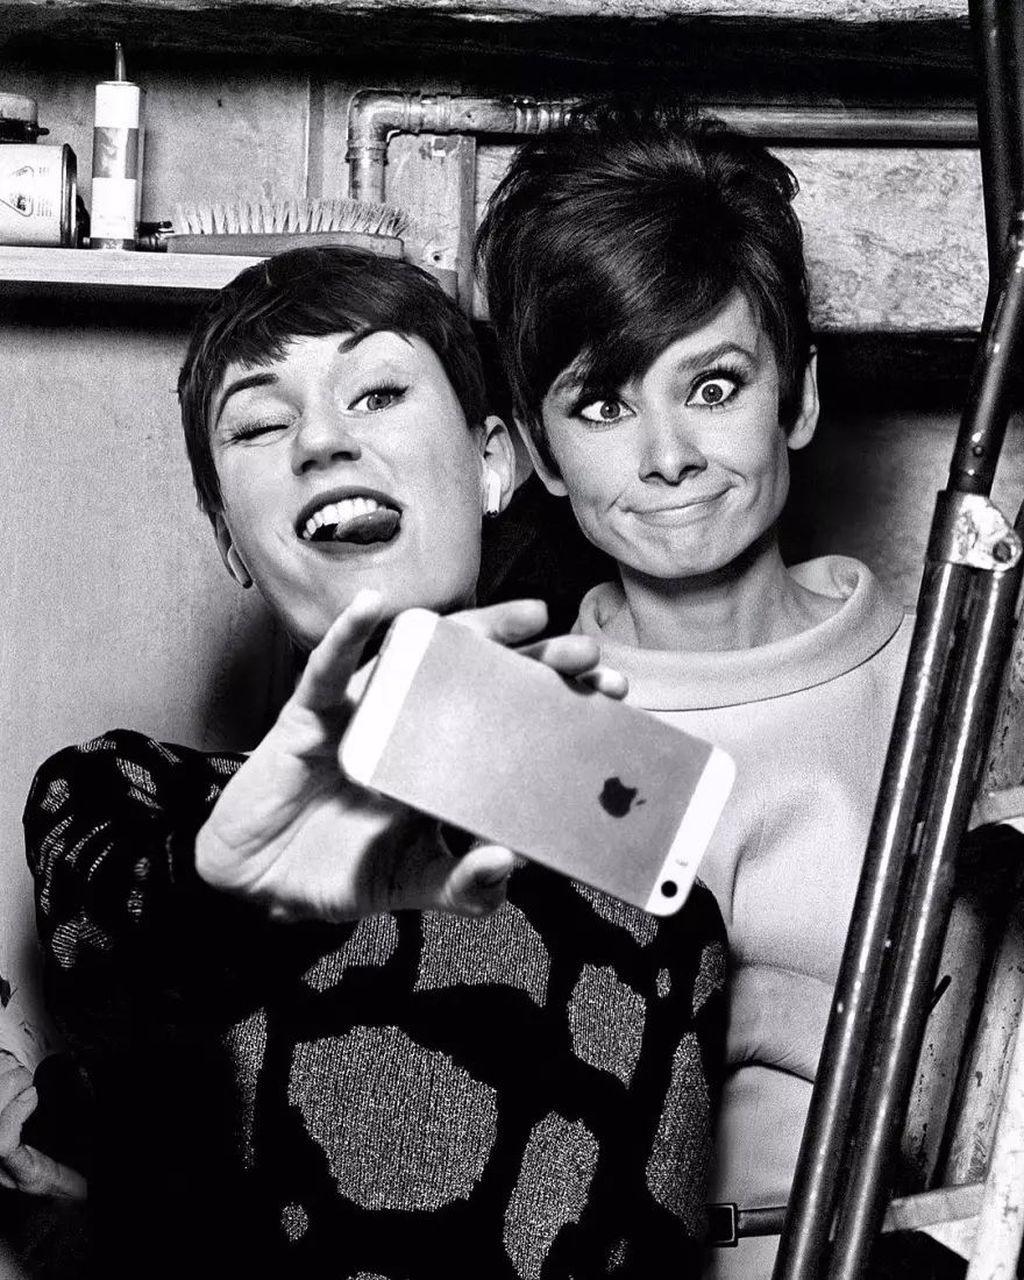 Selfie bareng Audrey Hepburn. Foto:Flóra Borsi